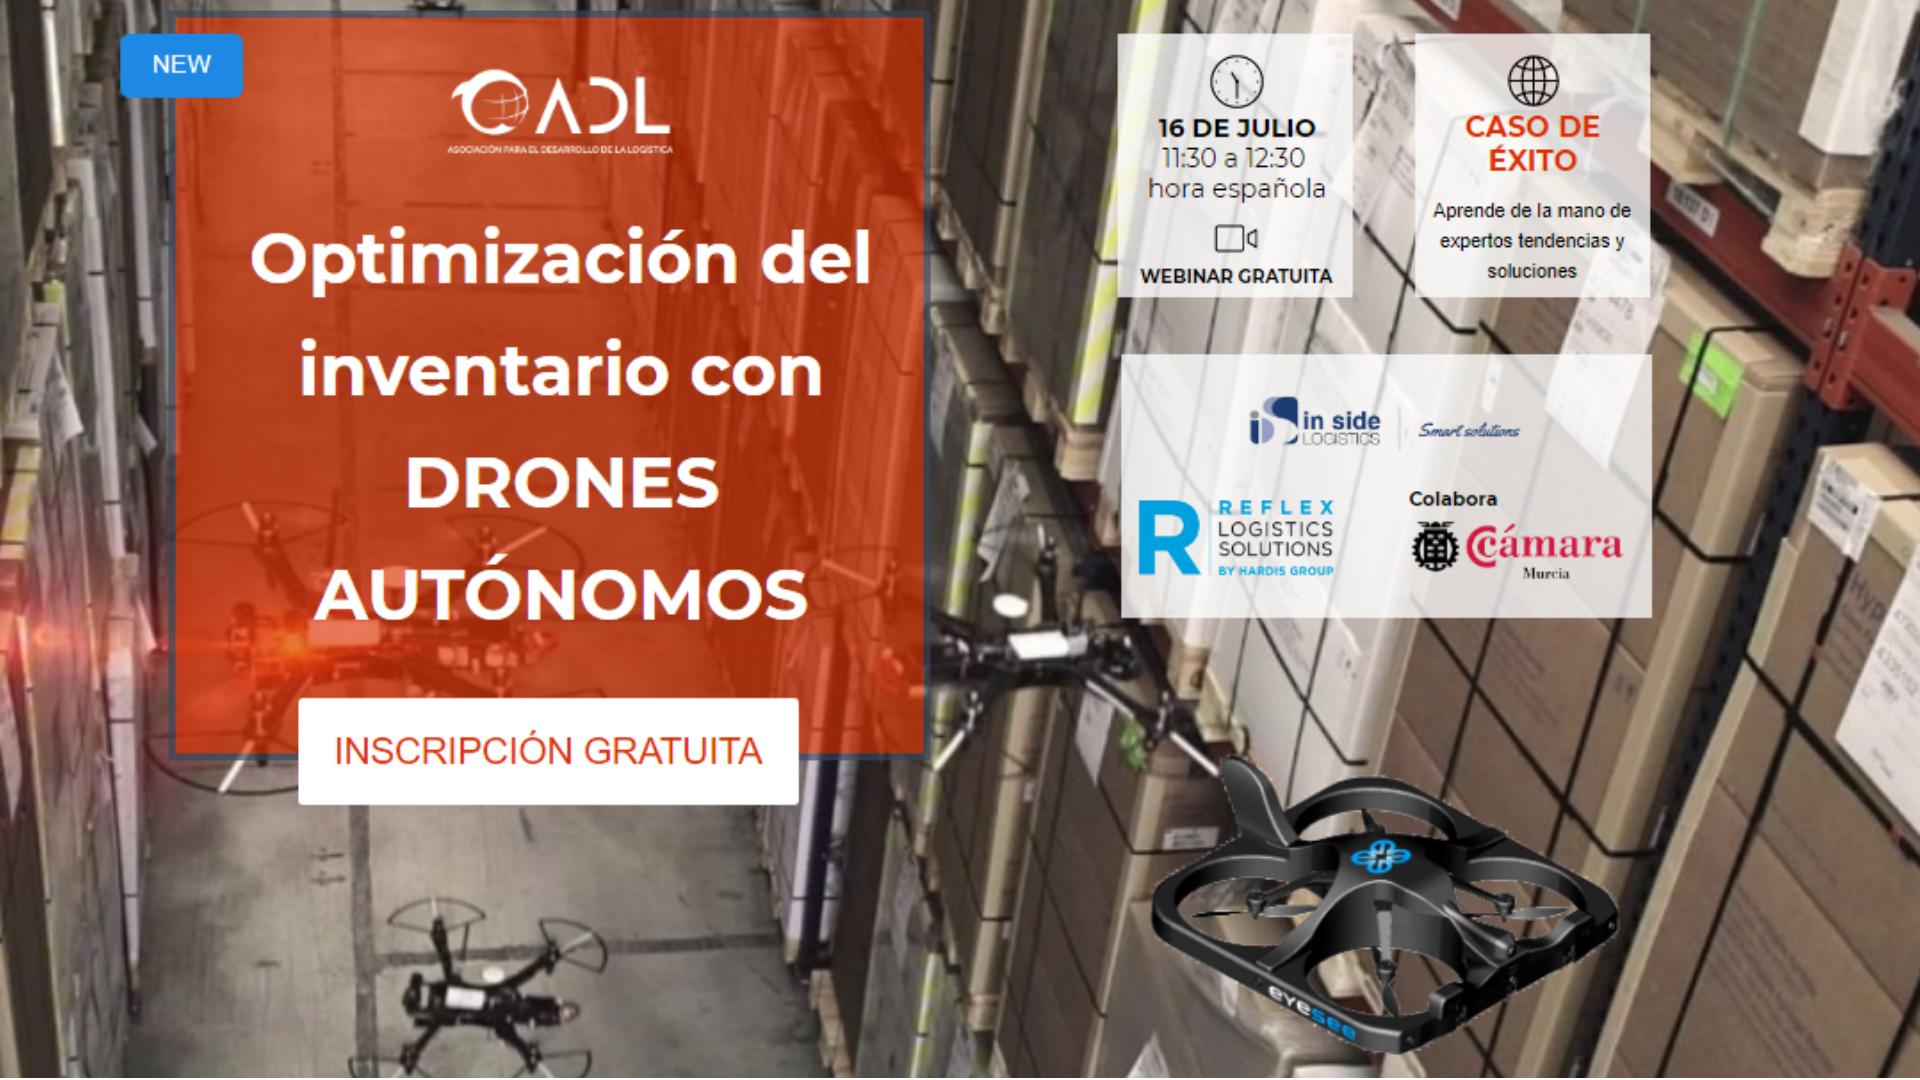 Seminario web gratuito Optimización del inventario con DRONES AUTÓNOMOS